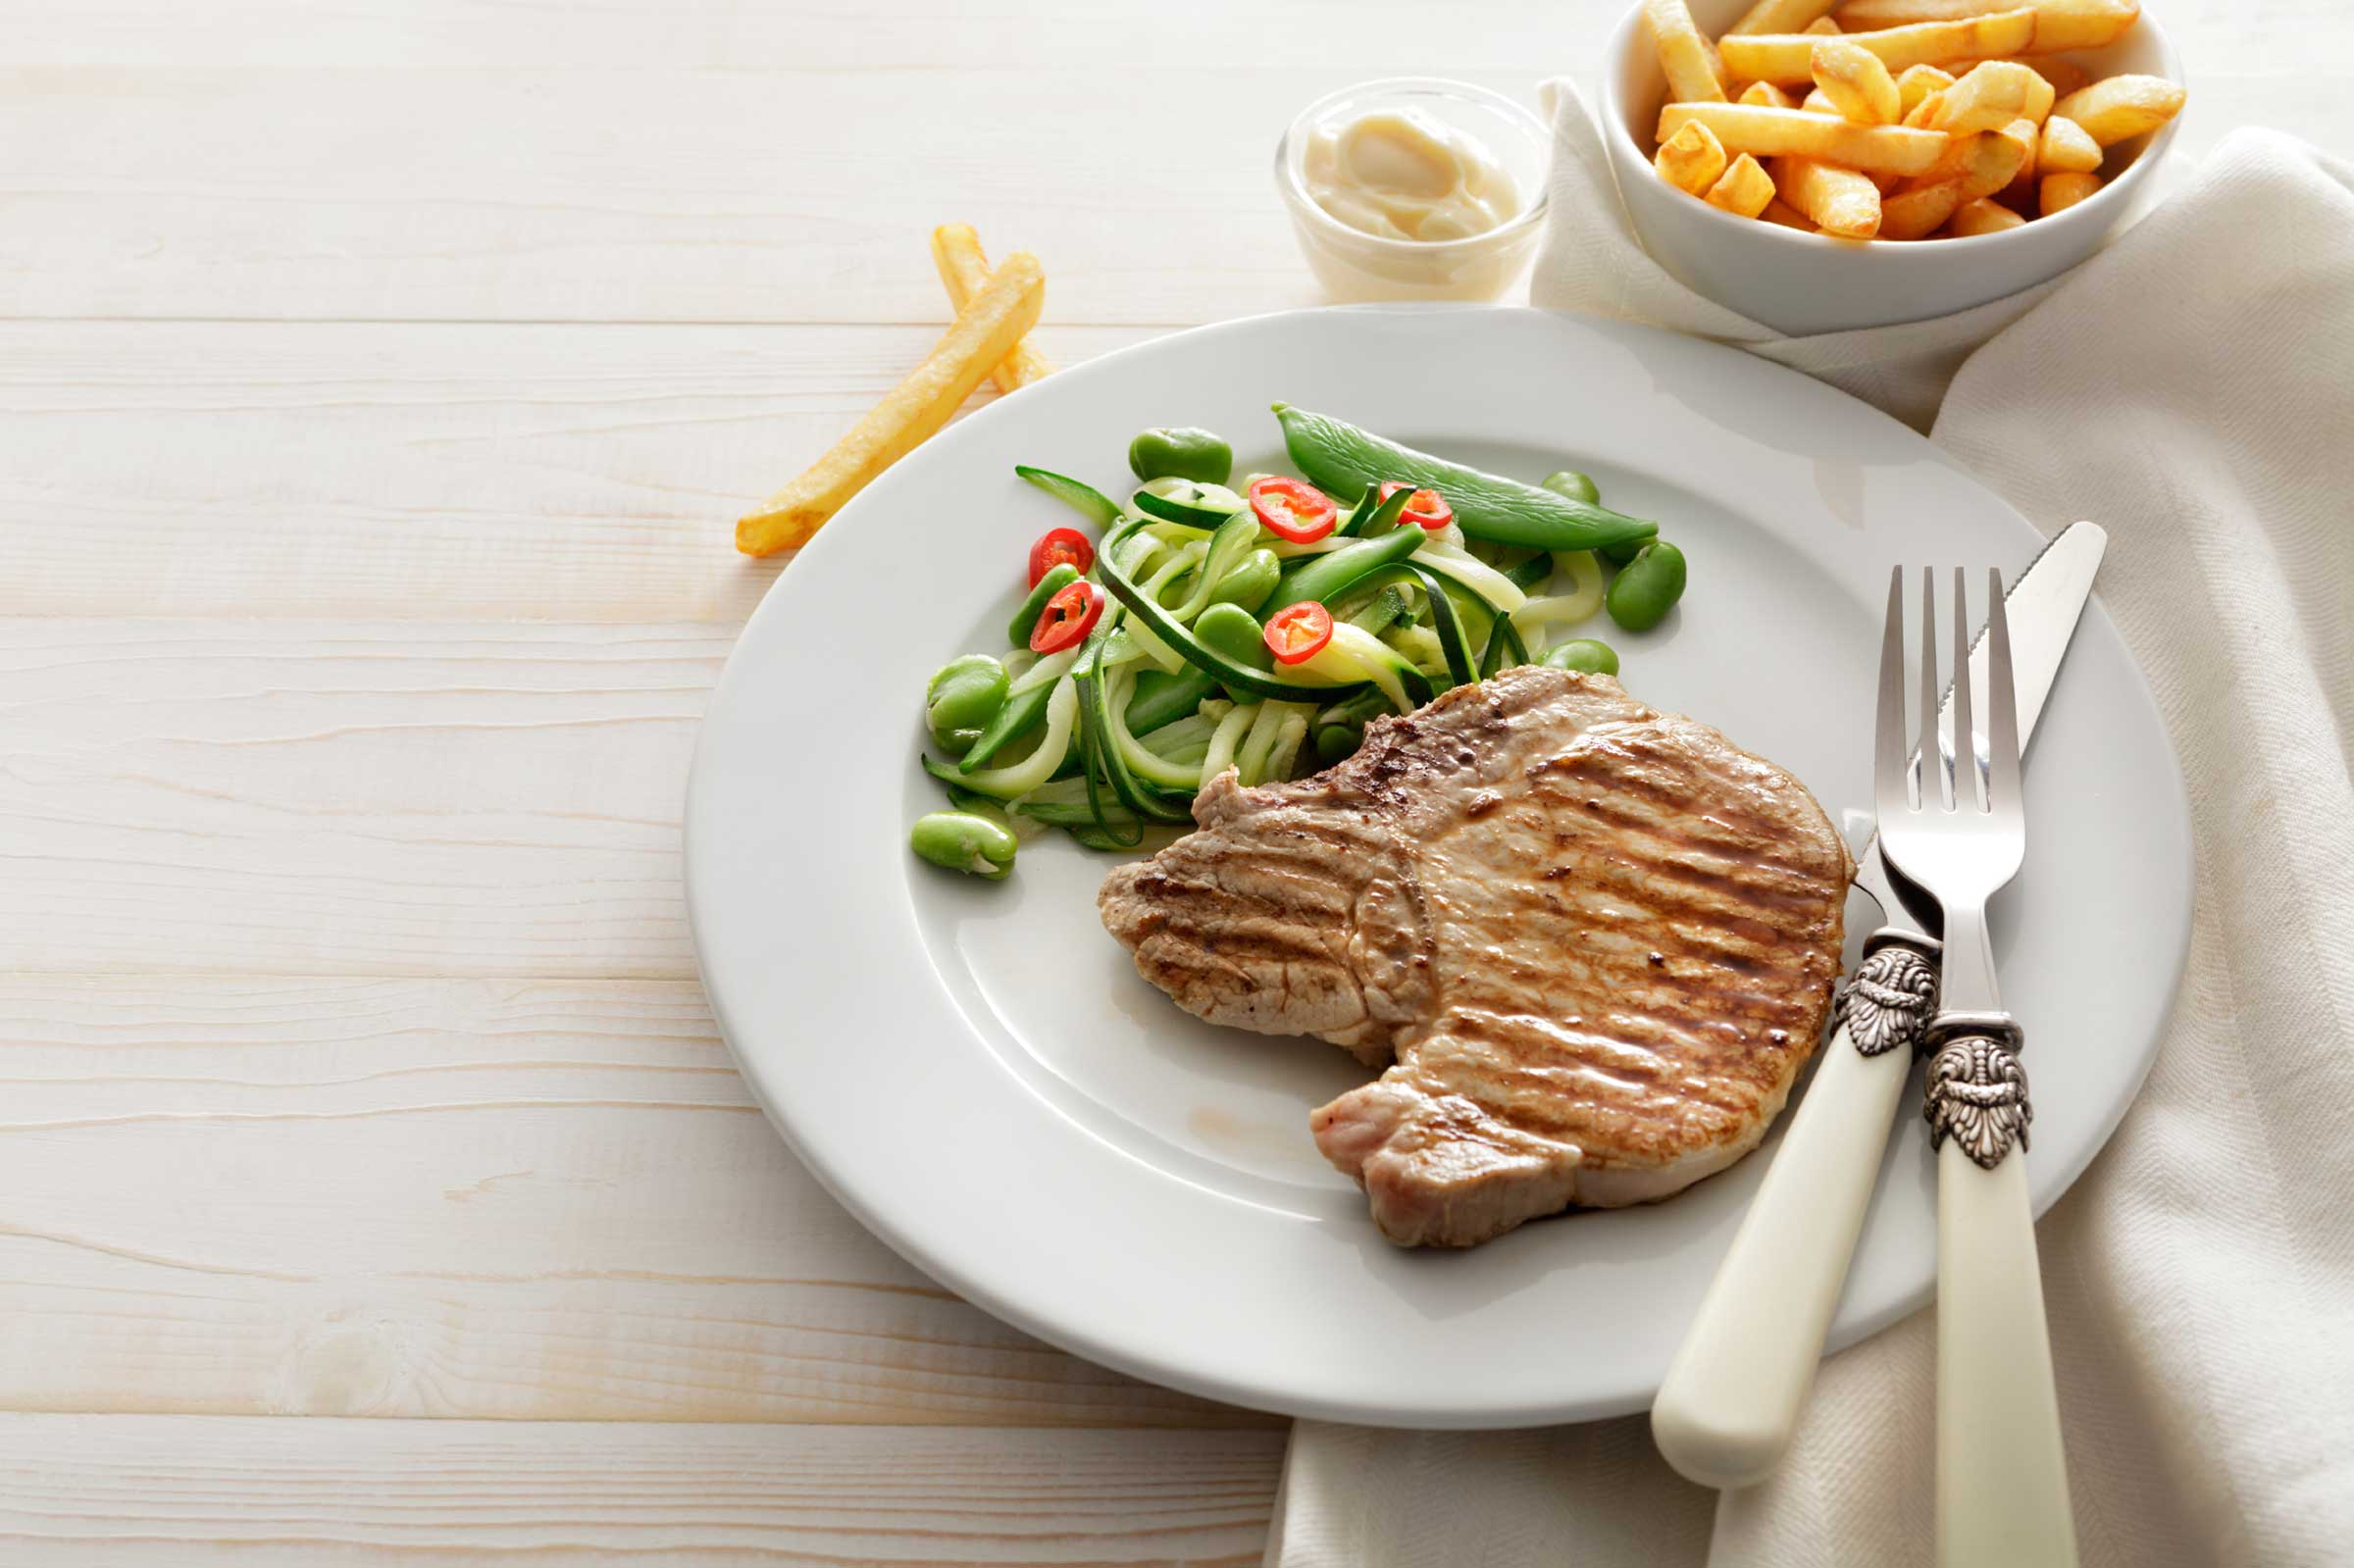 Carne com salada e batata frita